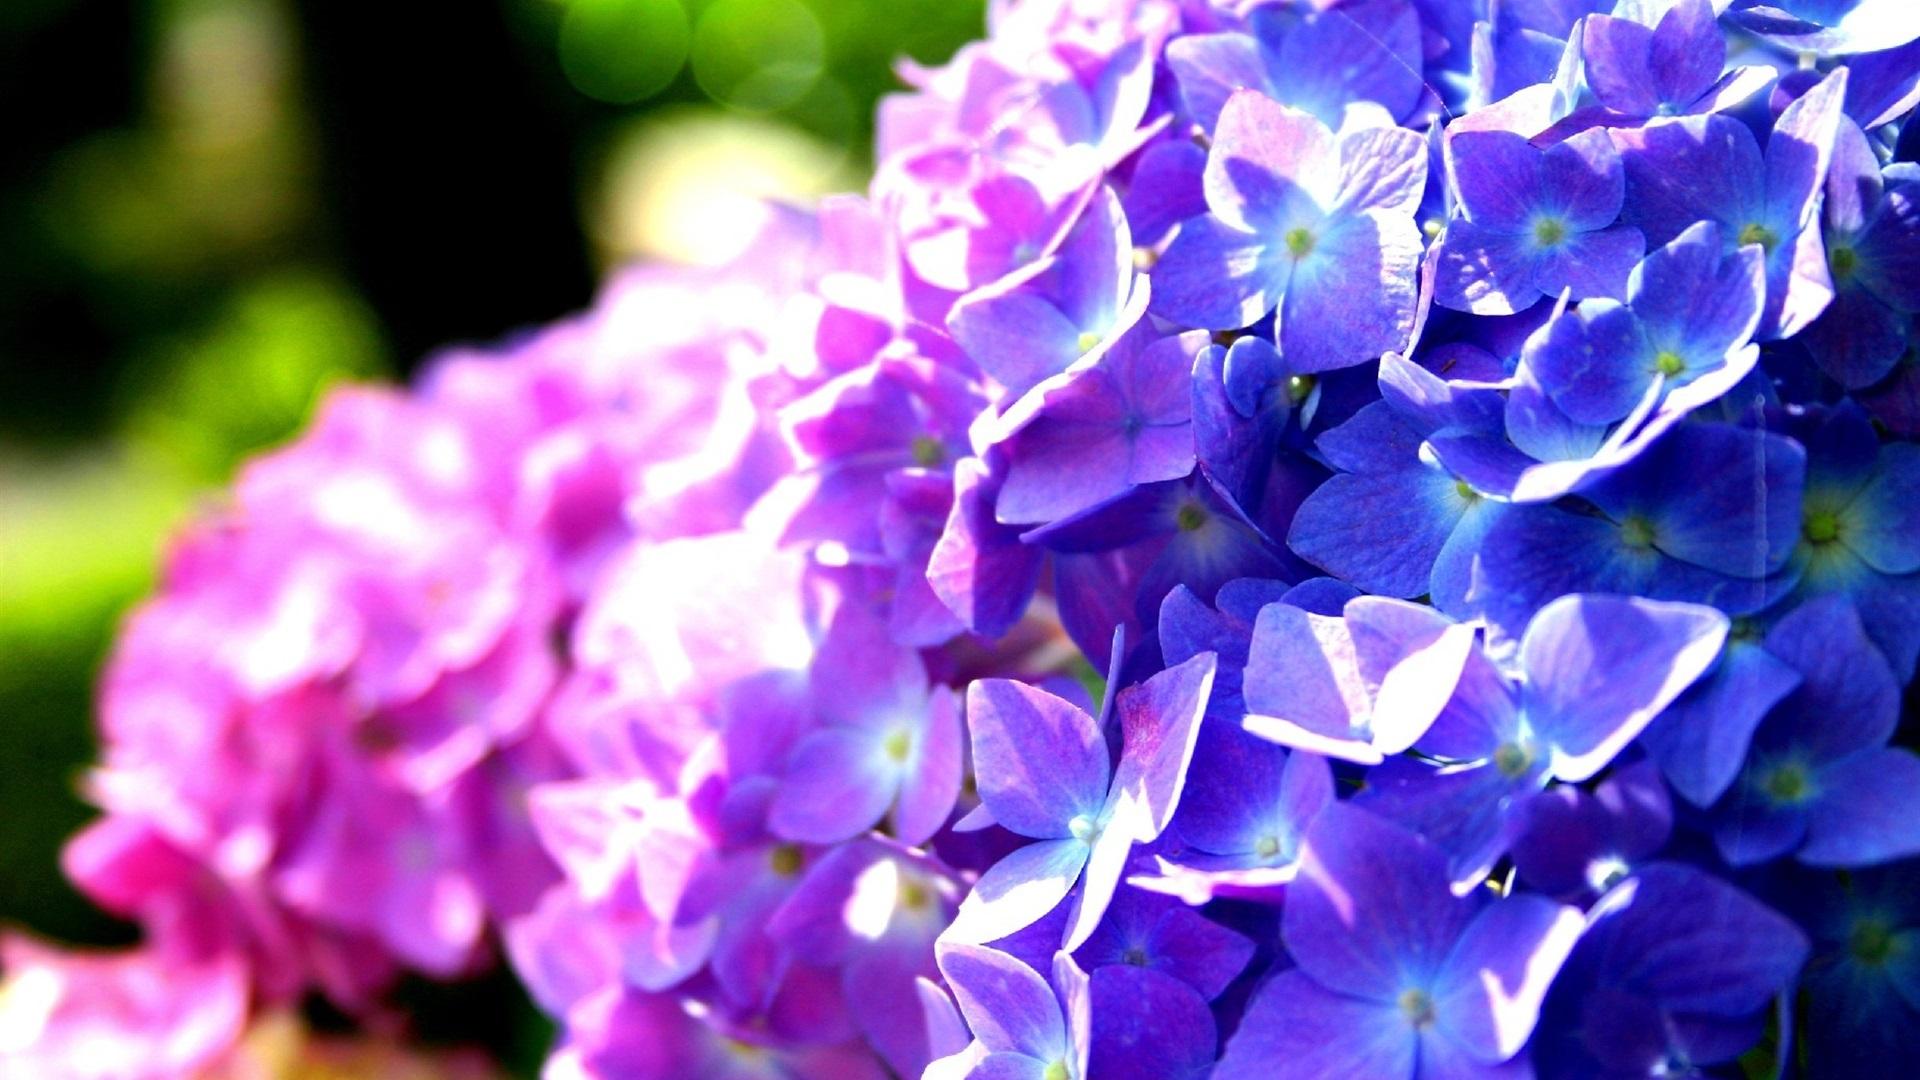 壁纸紫色和蓝色绣球花1920x1080 Full Hd 2k 高清壁纸 图片 照片